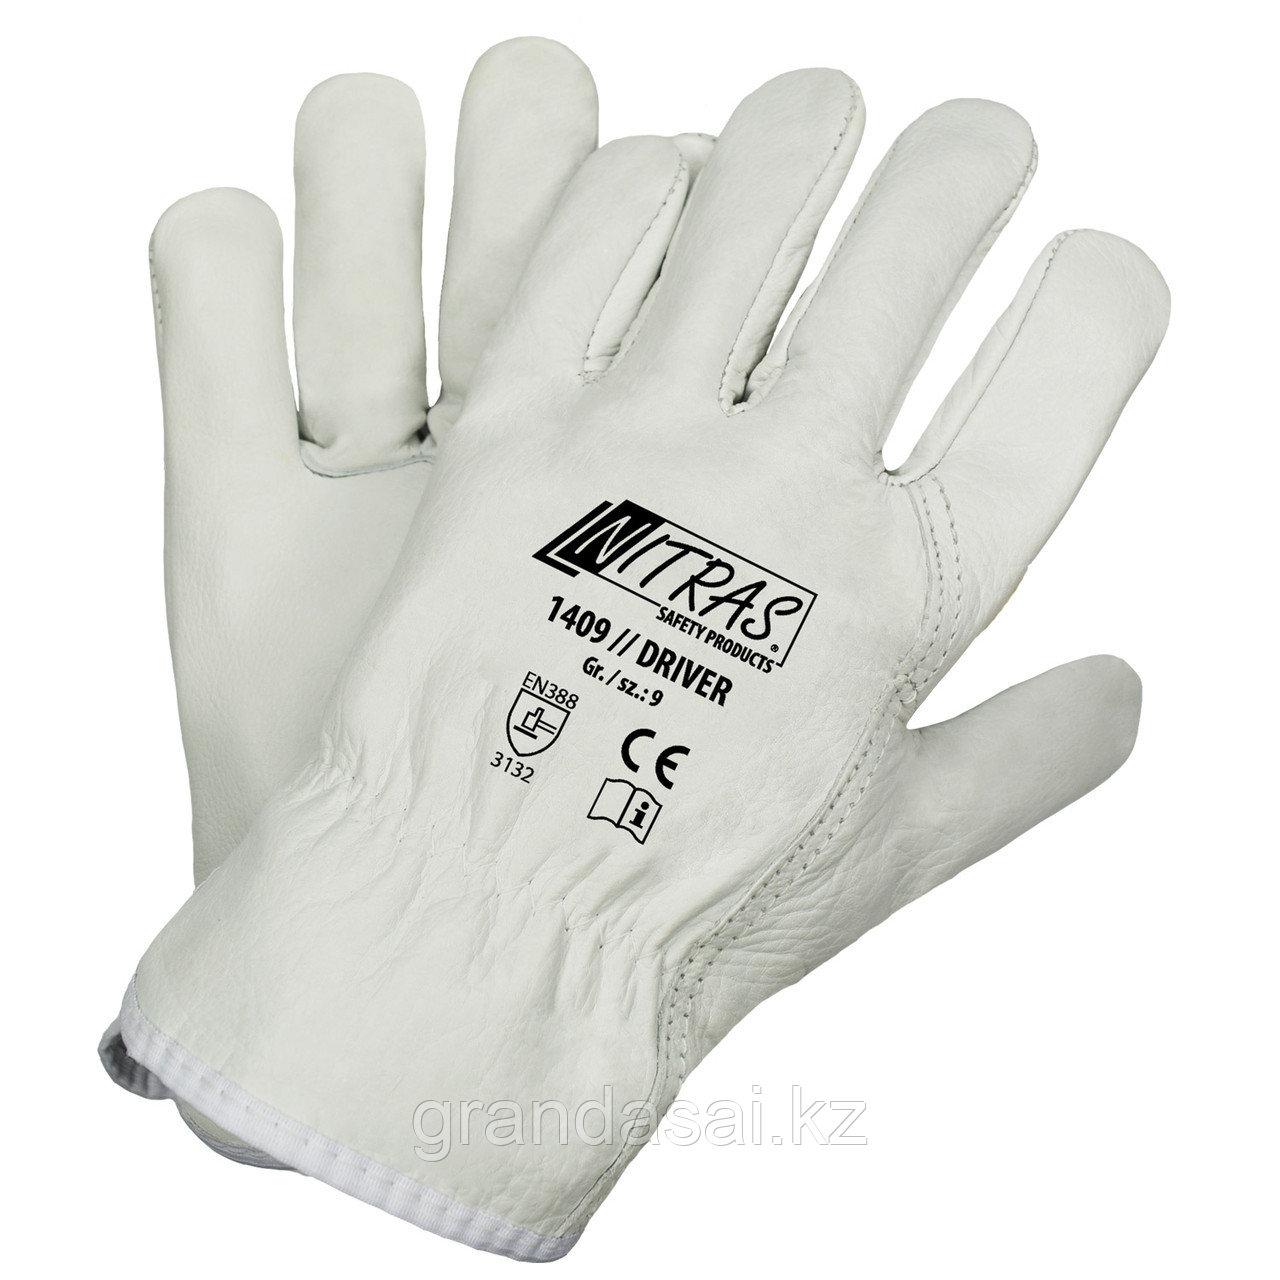 Кожаные зимние перчатки NITRAS DRIVER